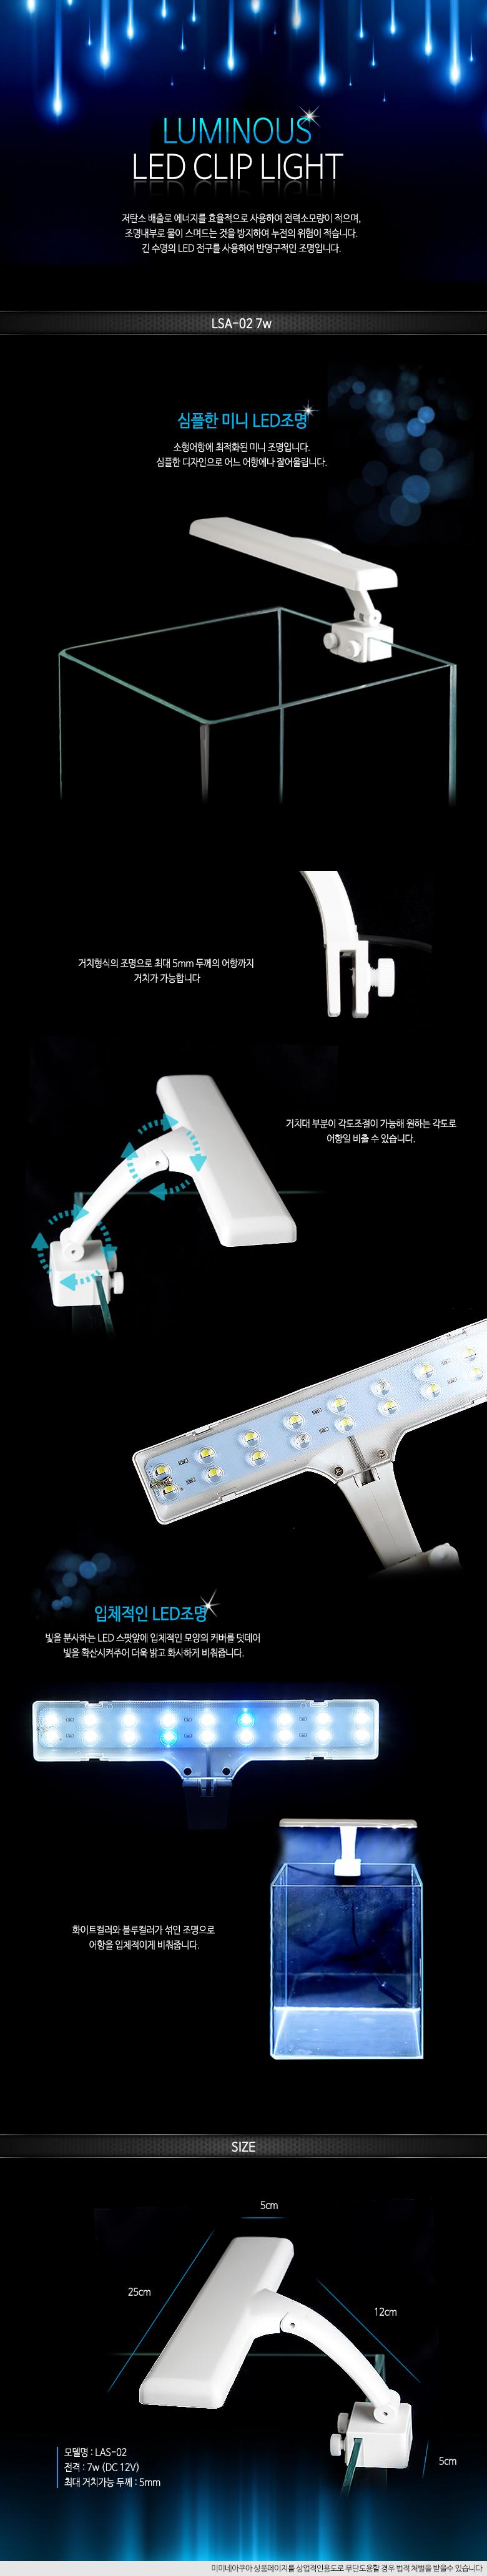 이스타 루미너스 LED조명 7w(LAS-02) - 미미네아쿠아, 24,000원, 부속품, 조명